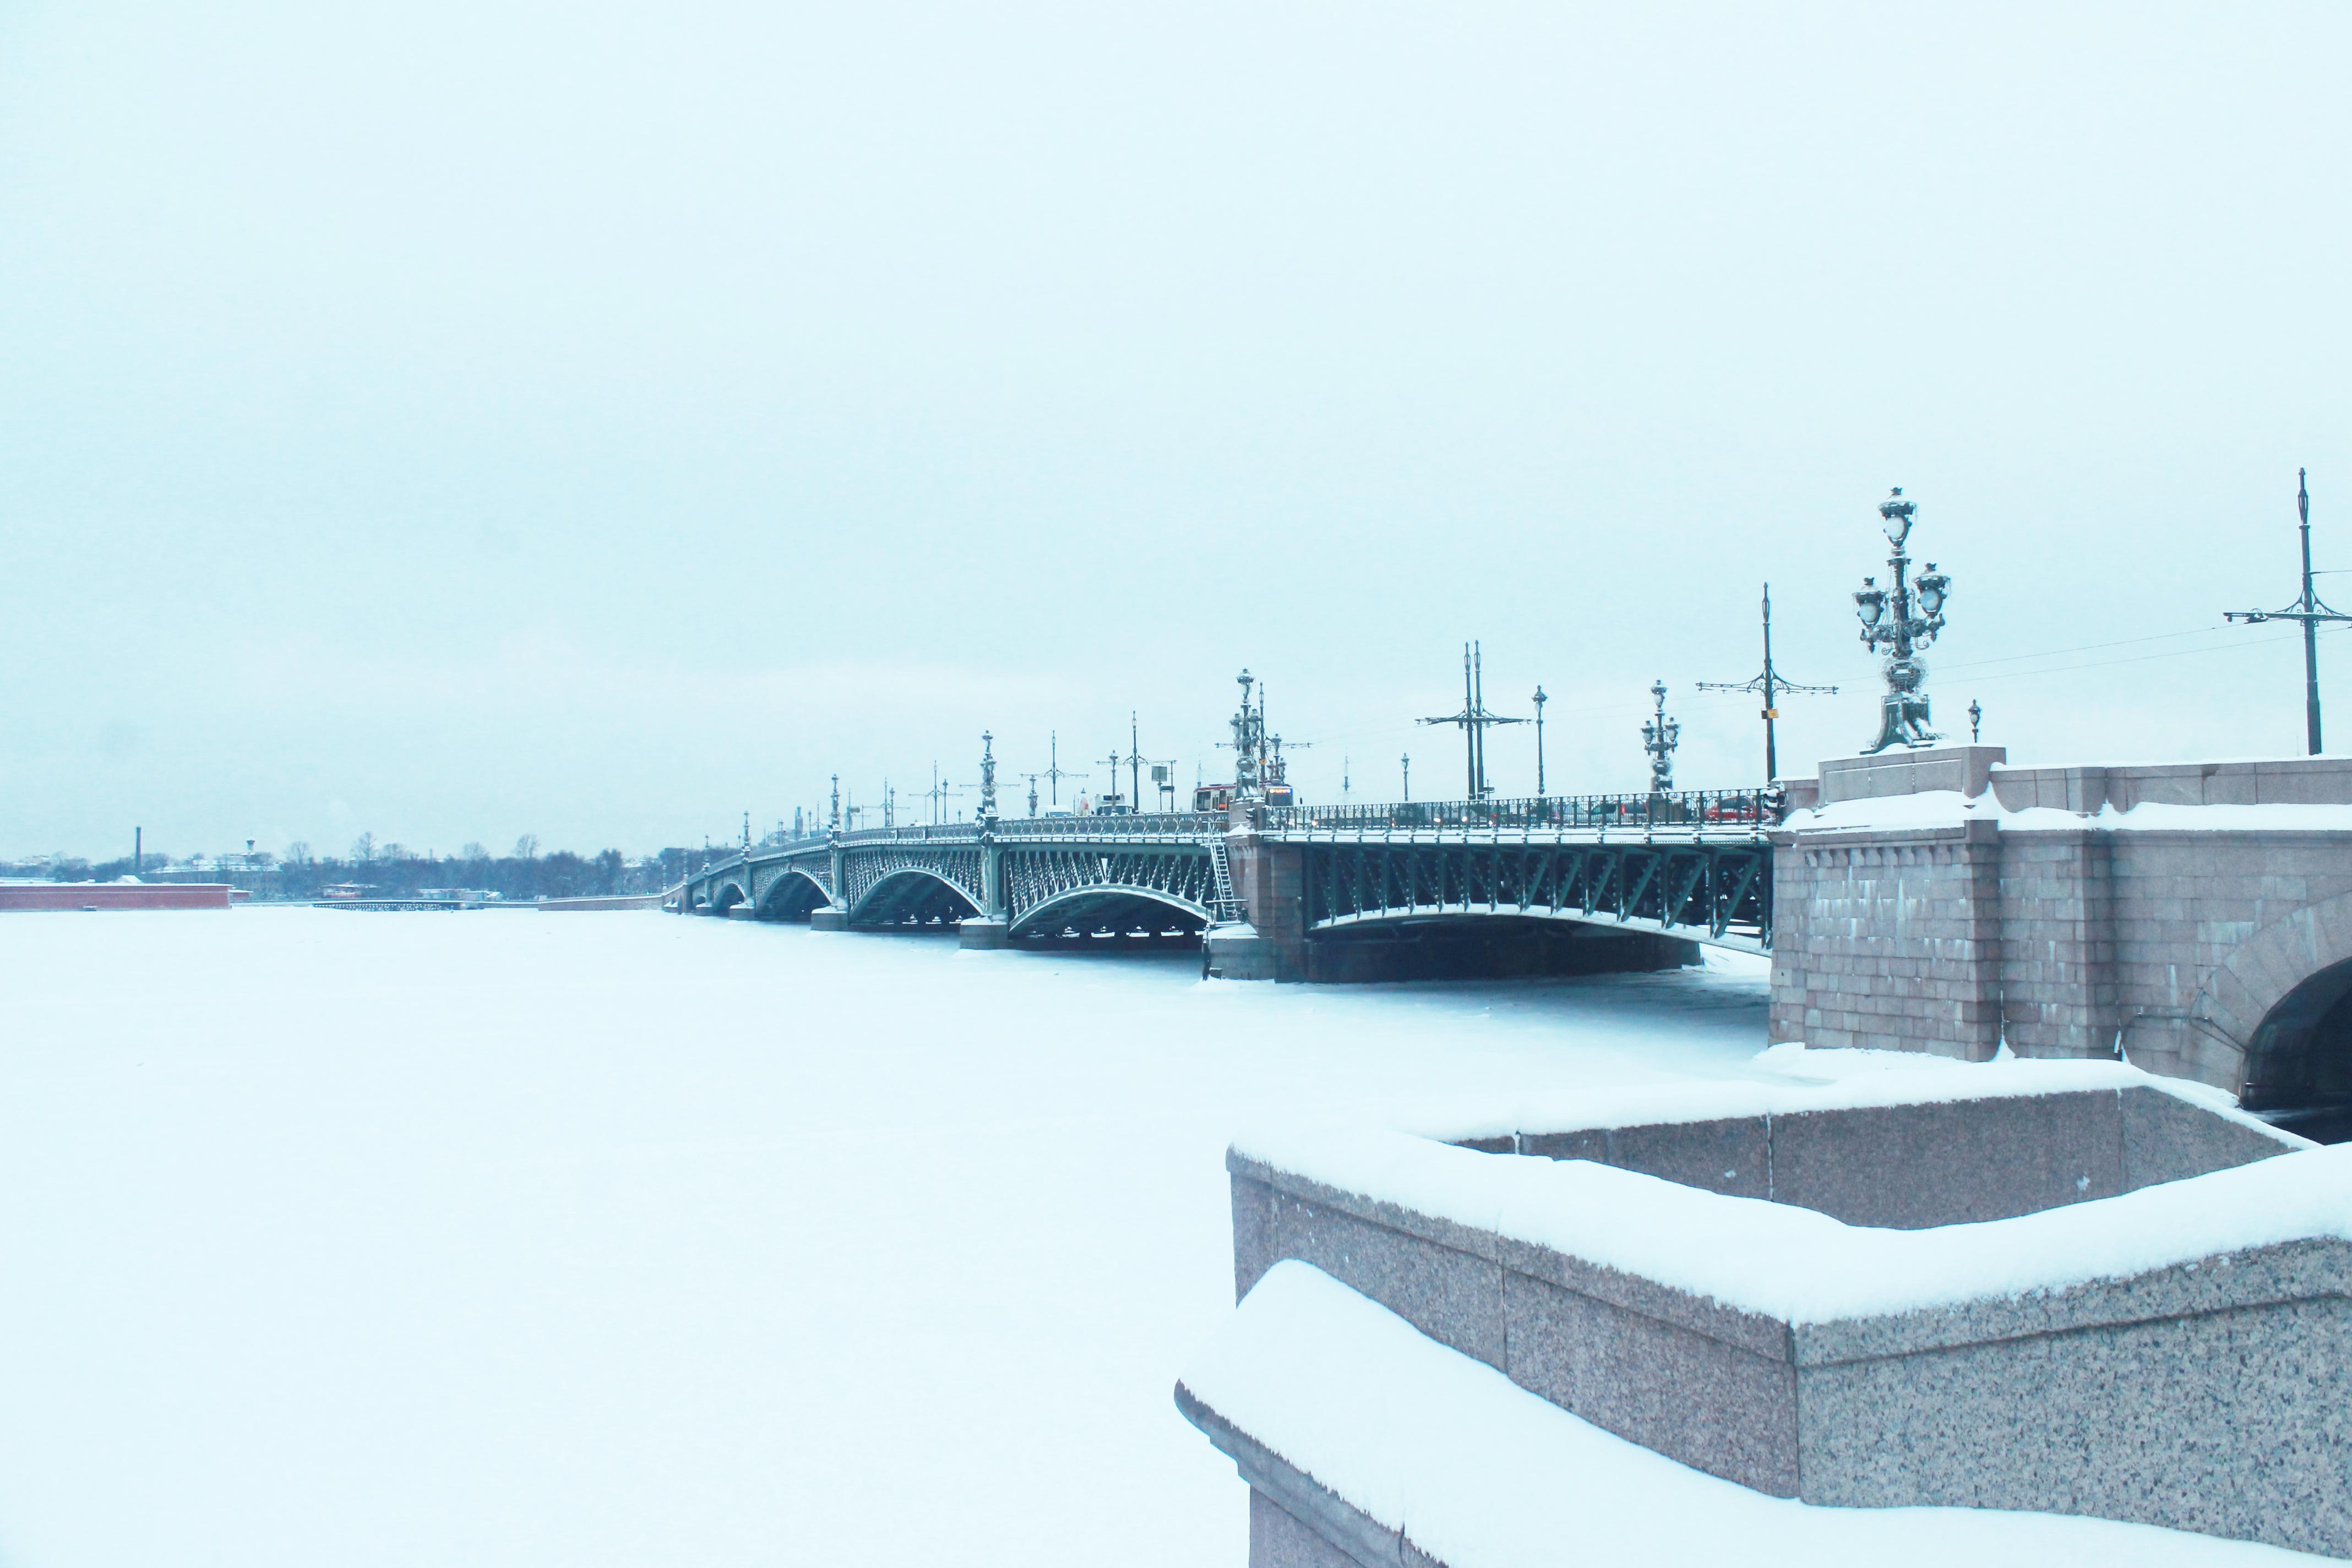 La Neva fotografata in due momenti diversi (gennaio e marzo), ghiacciata in entrambi i casi.